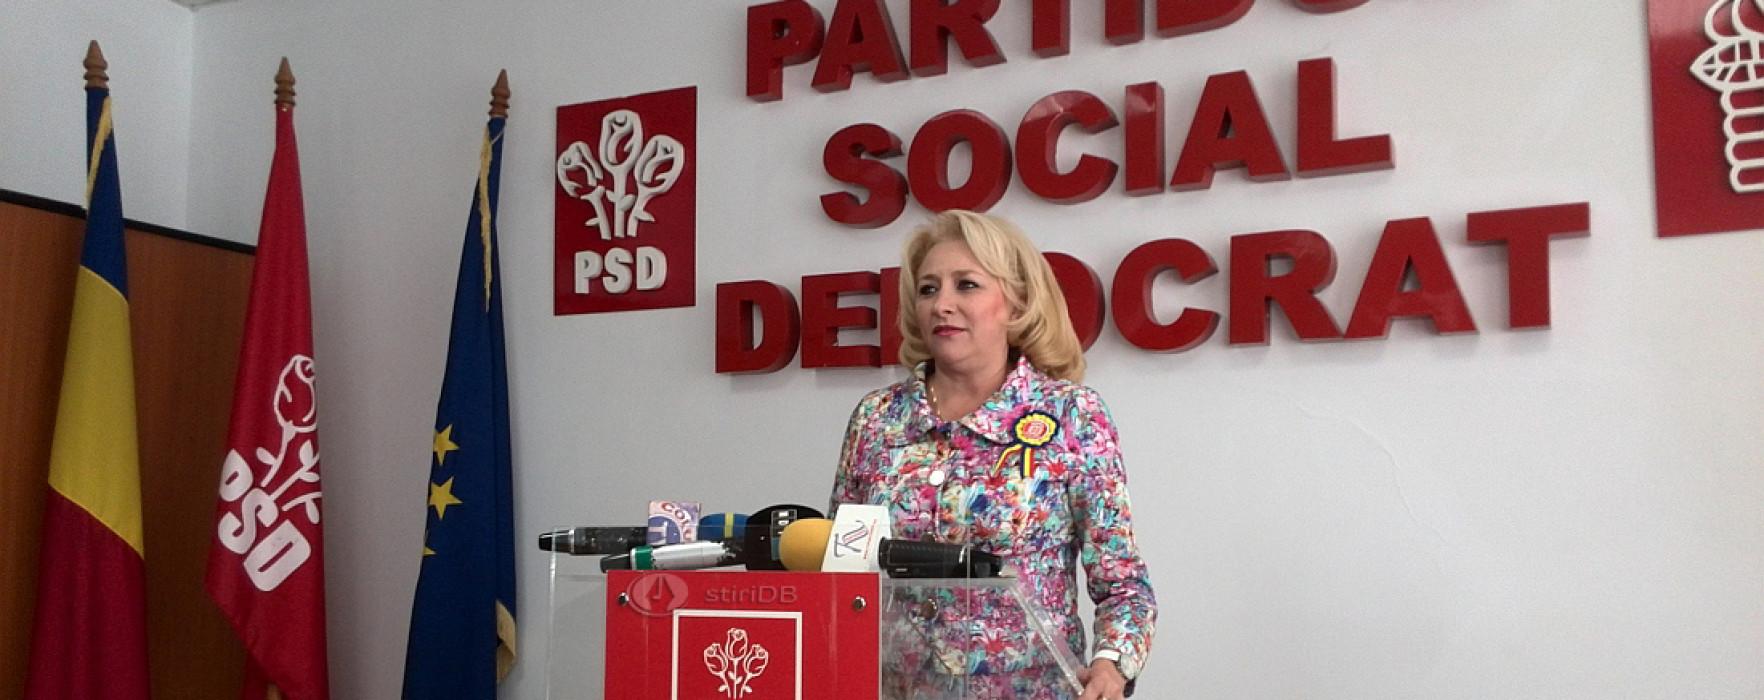 Viorica Dăncilă (PSD): Am votat pentru a se termina cu politica de austeritate în Europa